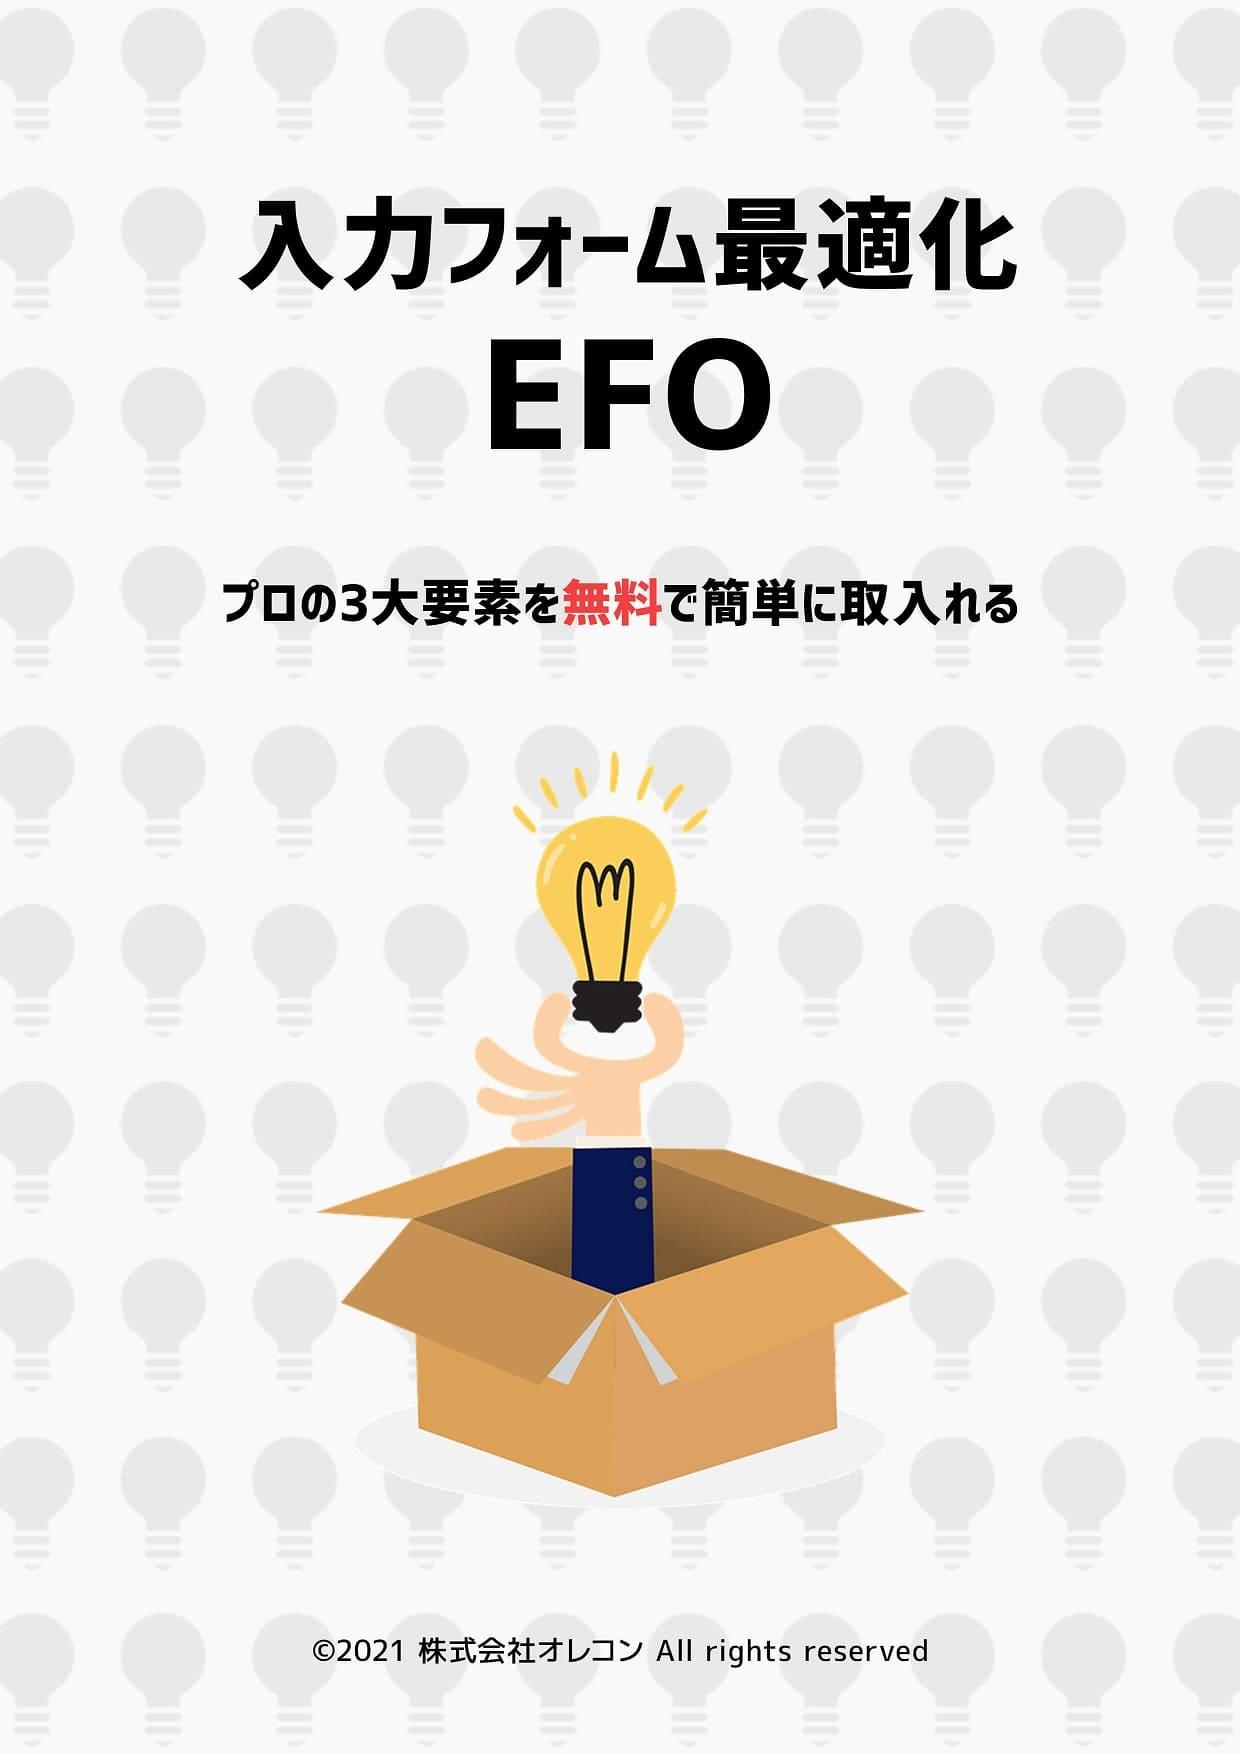 入力フォーム最適化EFO